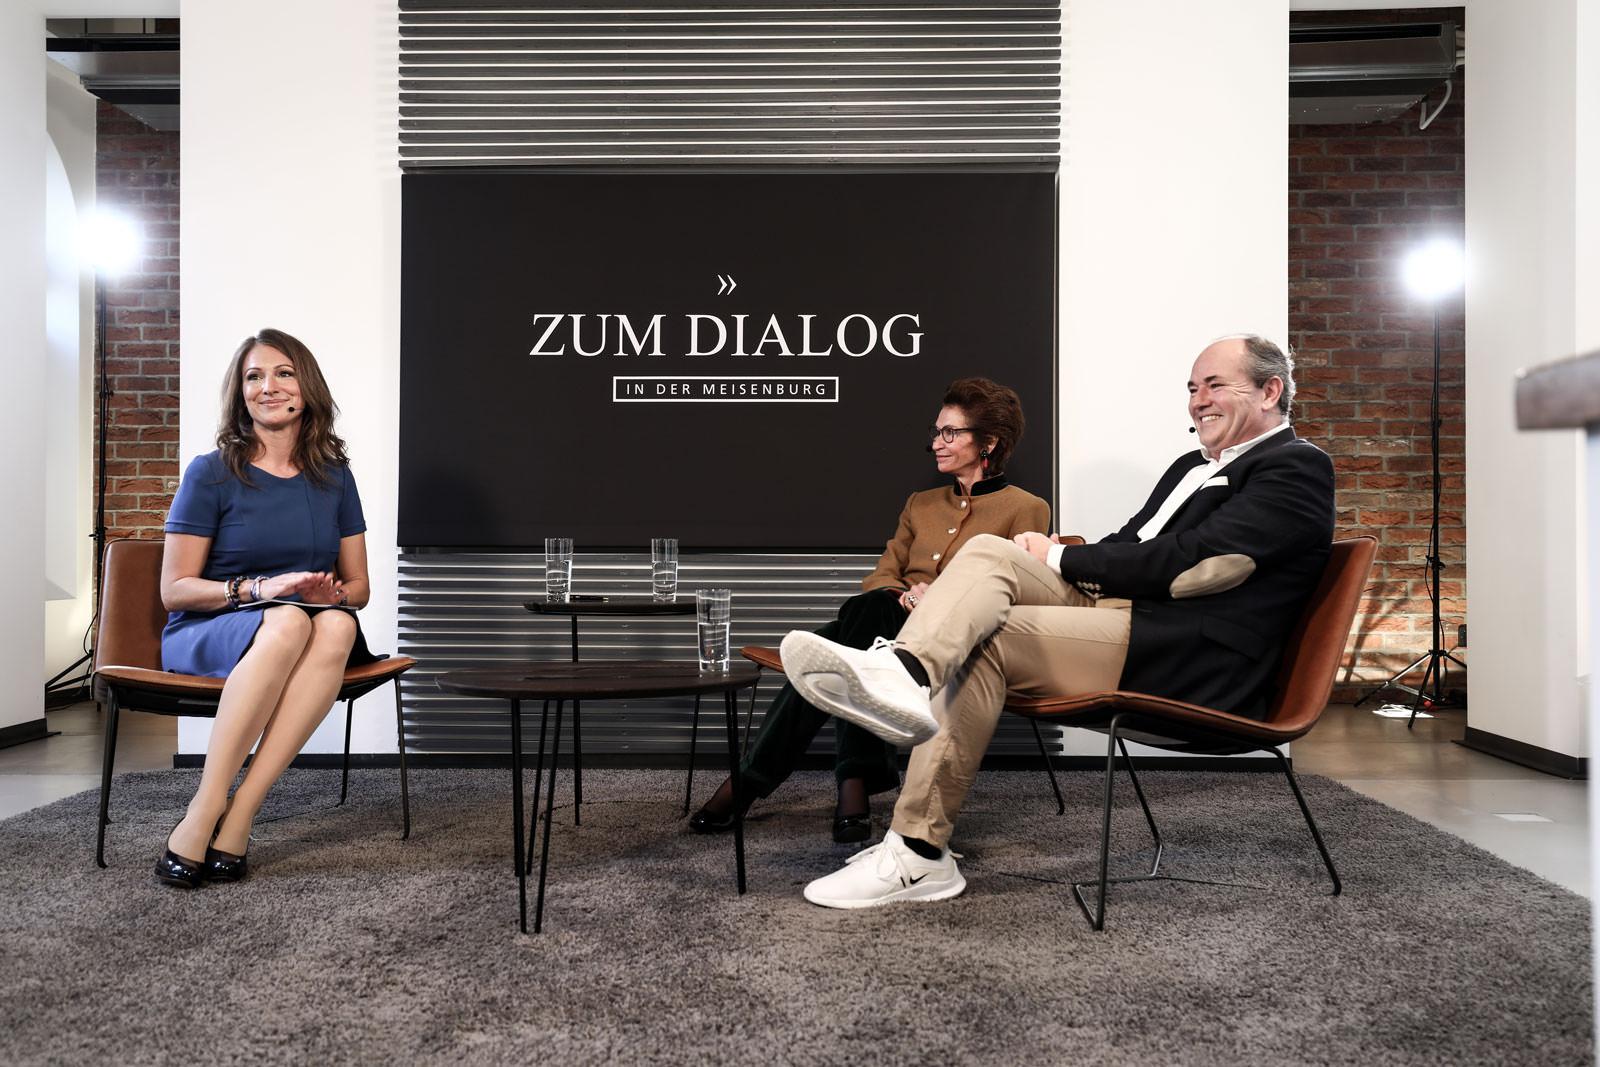 """DIALOG """"SOZIALES ENGAGEMENT"""" mit Jeannette Gräfin Beissel von Gymnich und Wolfram Kons"""